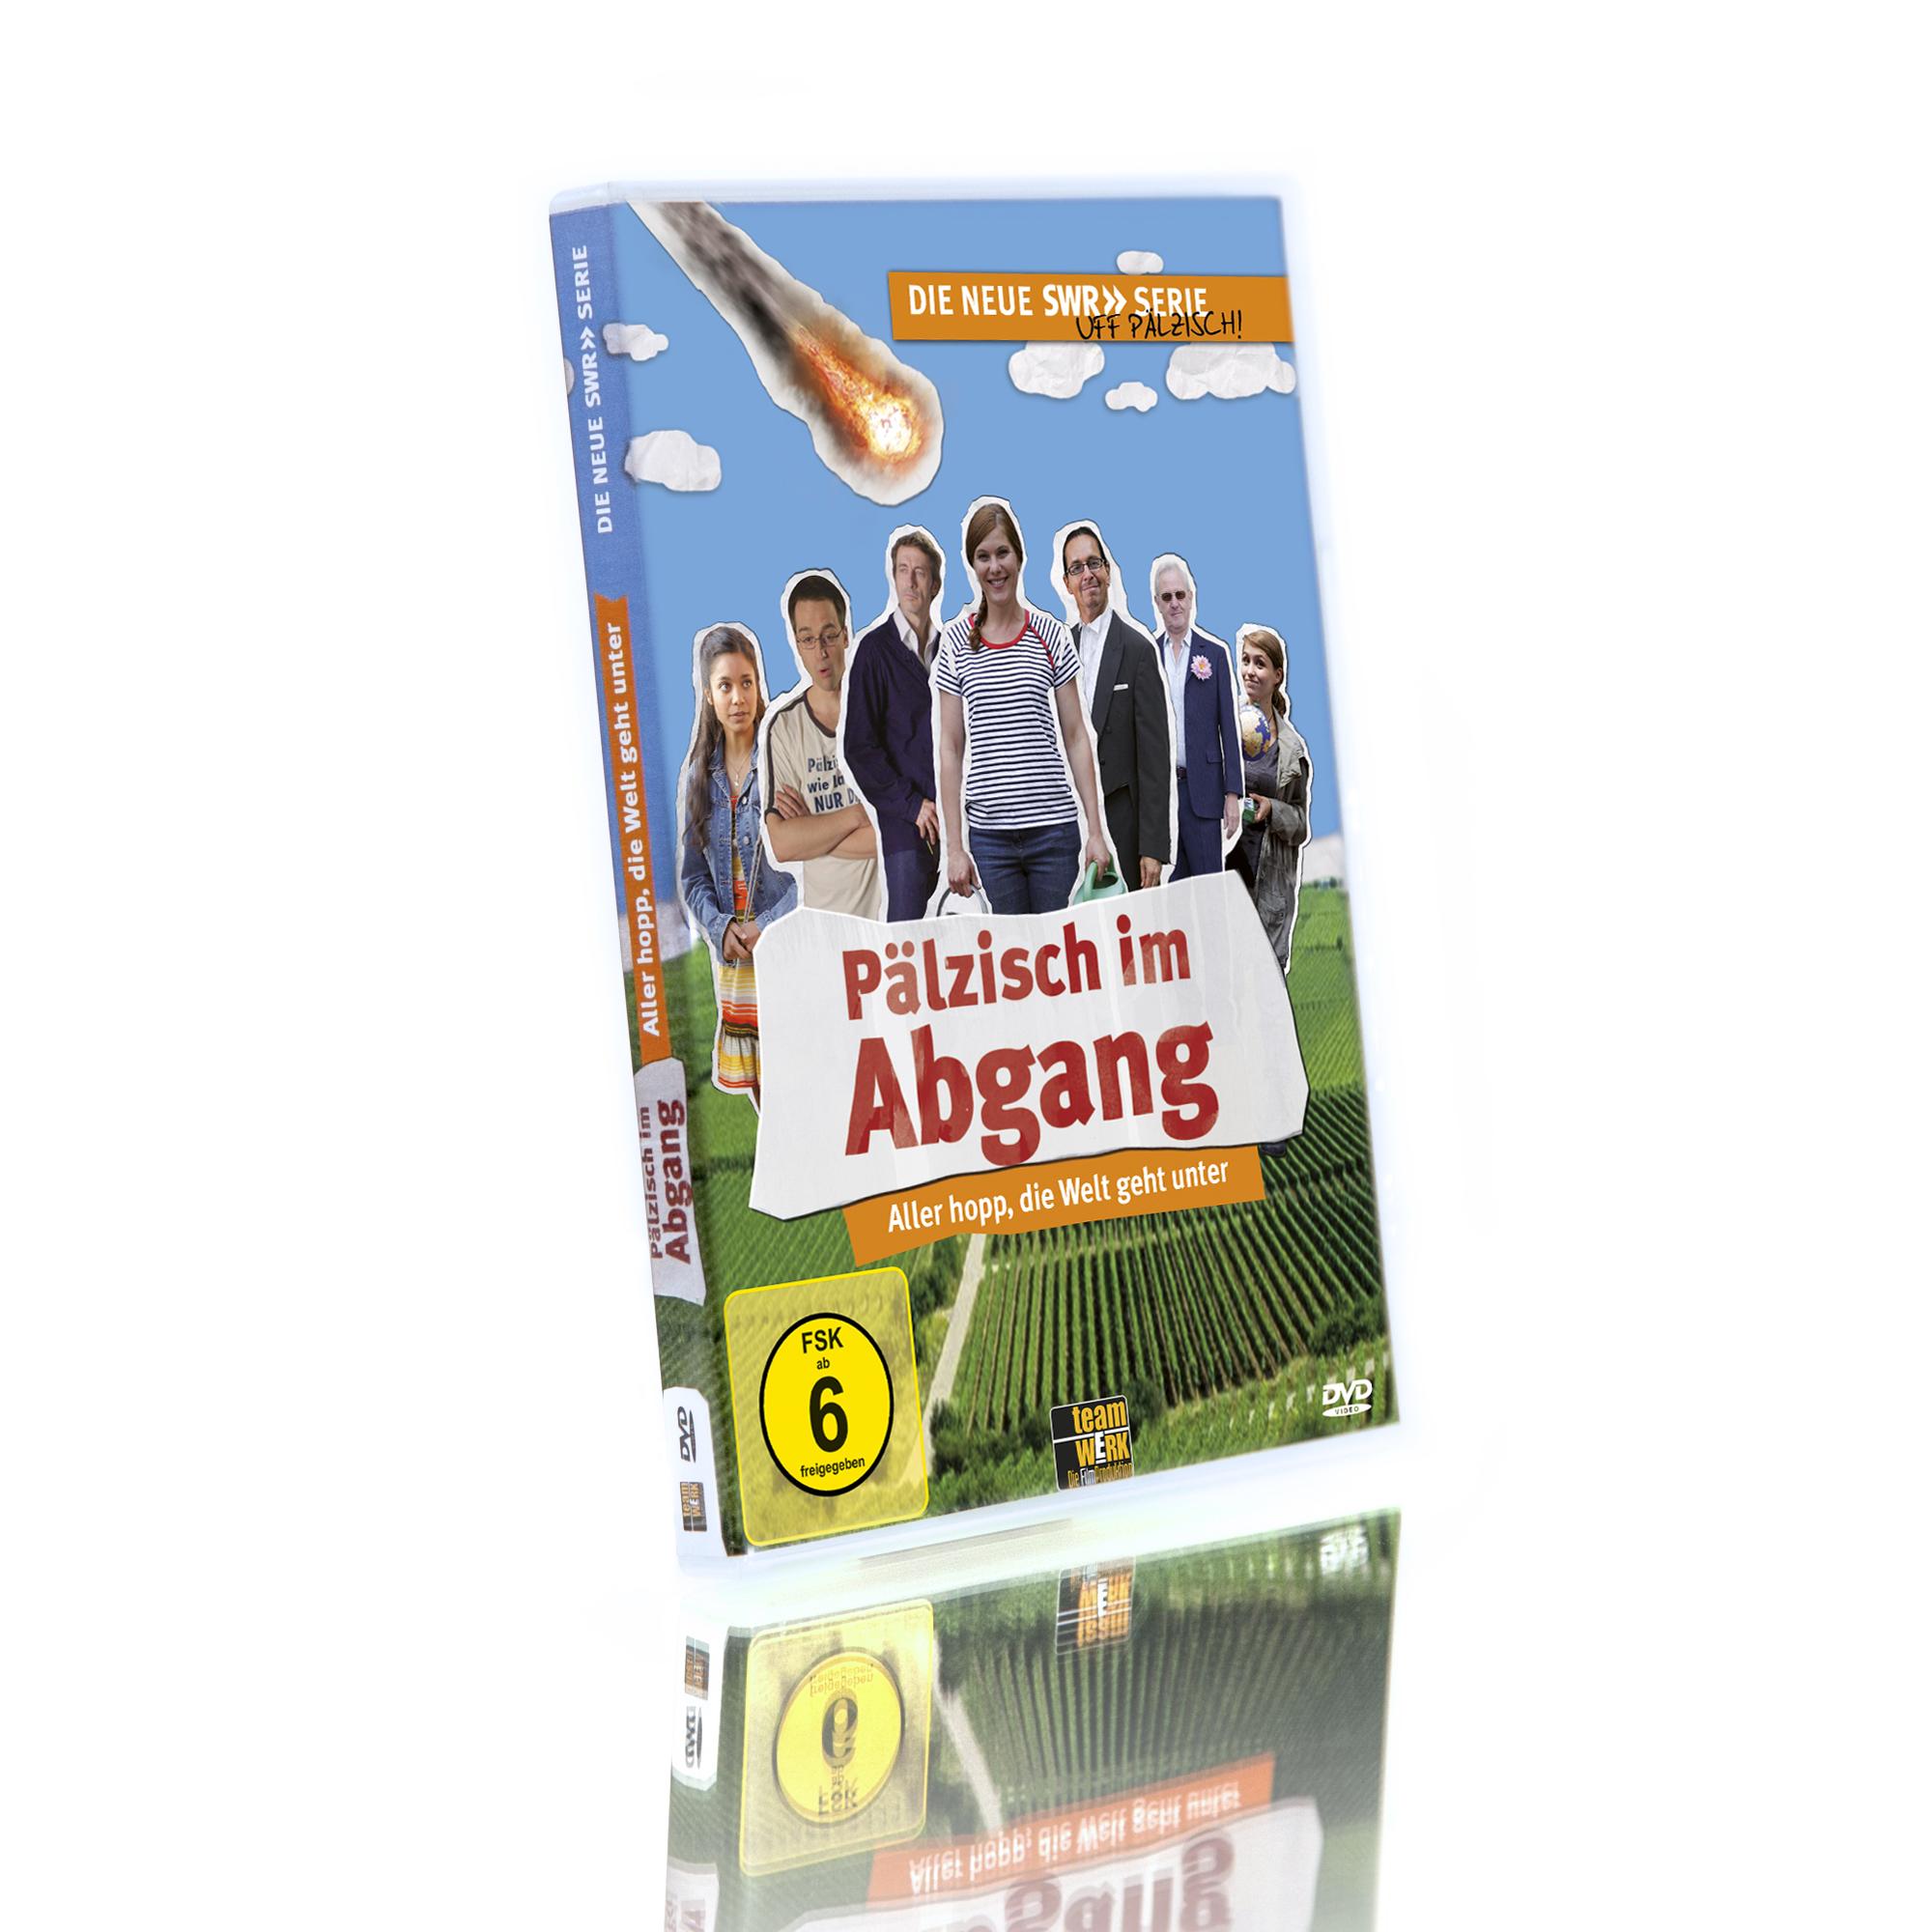 Pfälzisch im Abgang – Jetzt auf DVD!